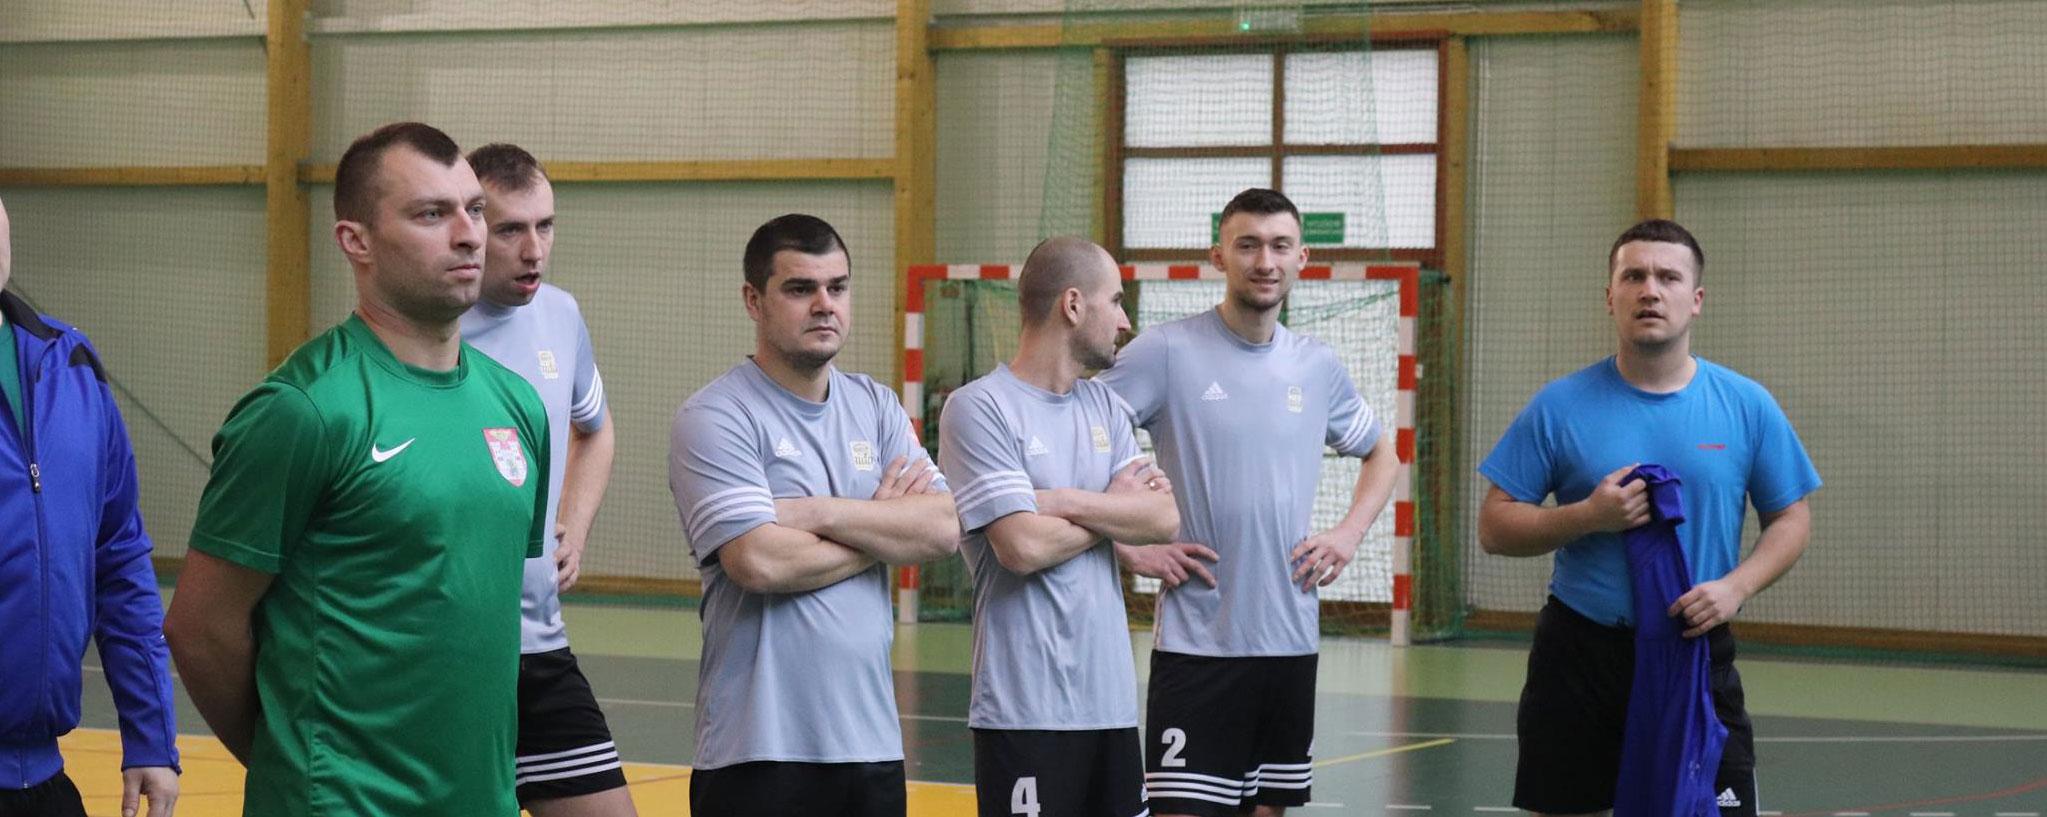 VI Gminny Halowy Turniej Piłki Nożnej Mężczyzn o Puchar Wójta Gminy Dobroszyce